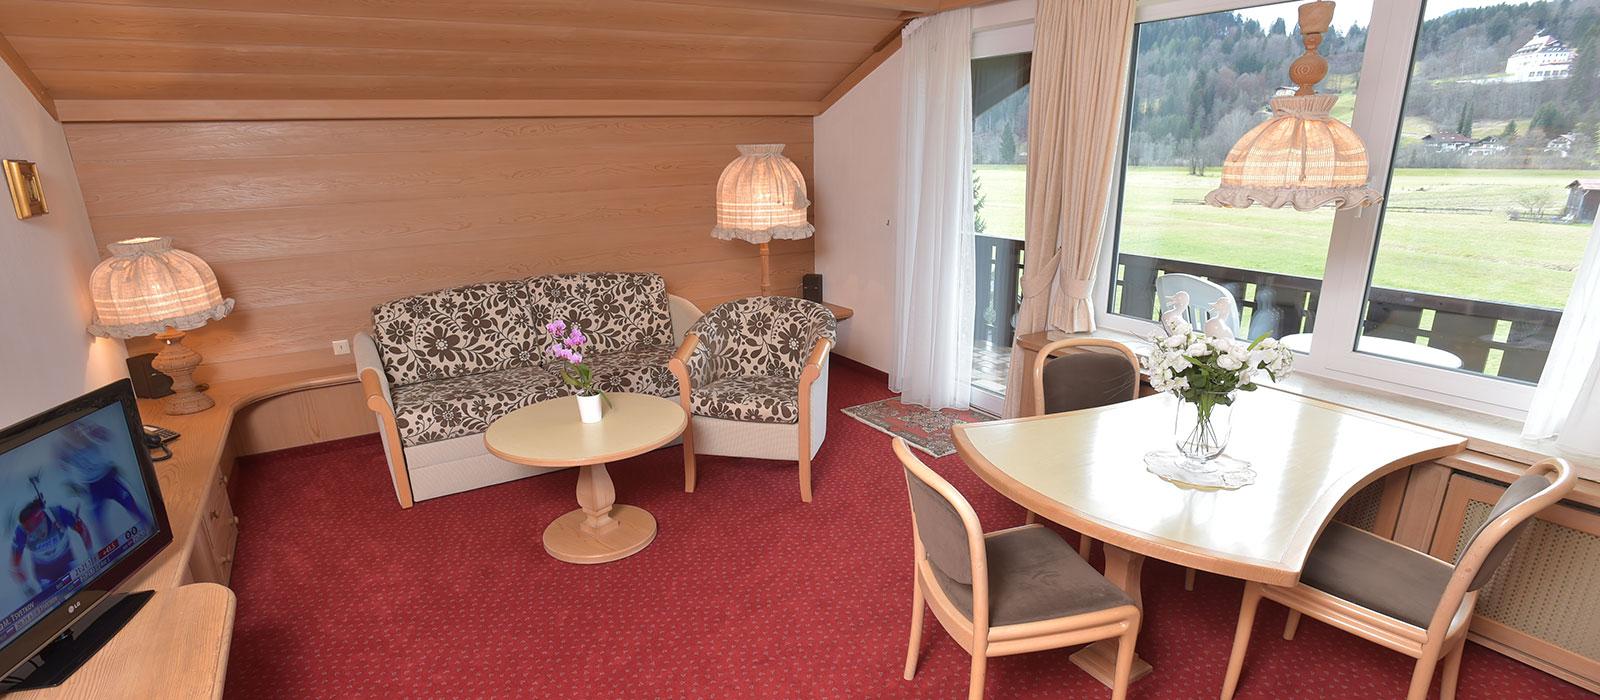 18-Raum-Appartement Deluxe – Annemarie Ferienappartements